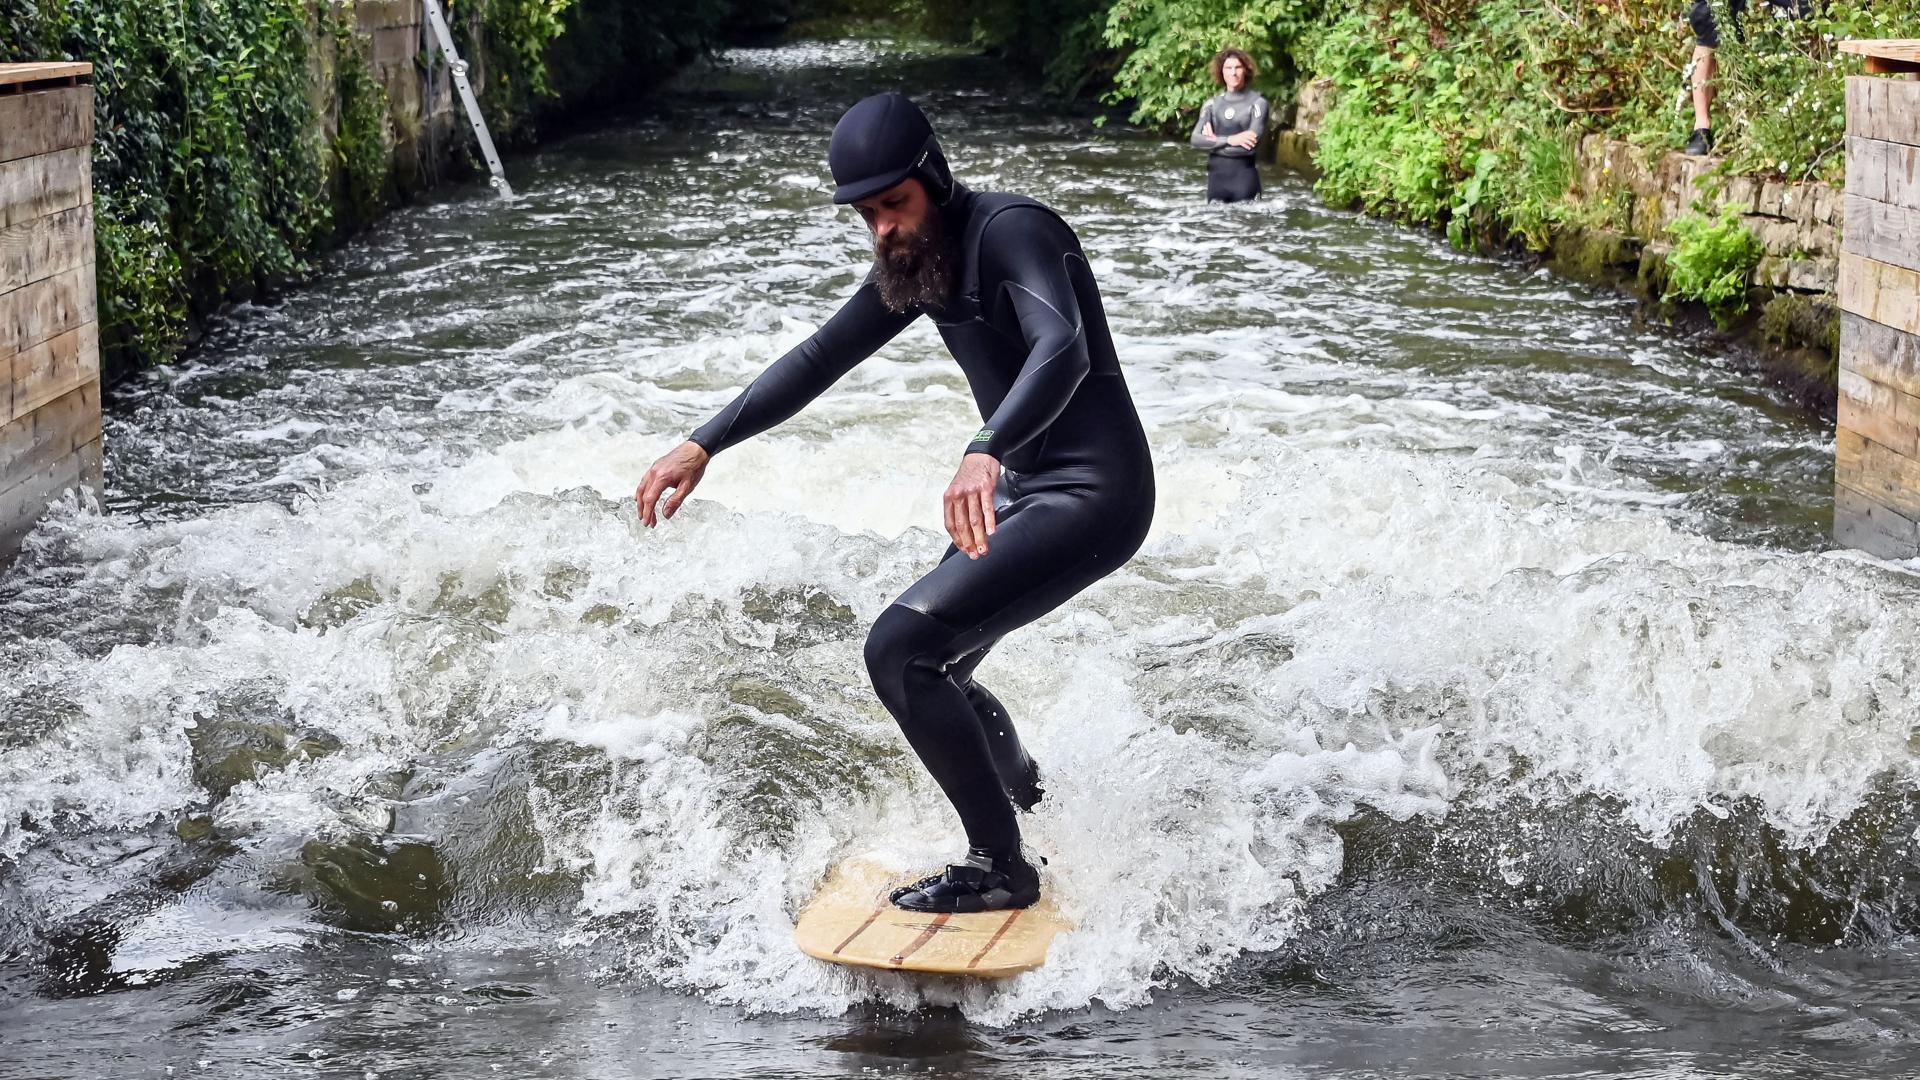 Jonas Buchholz steht auf einem Surfbrett in der Surfanlage Blackforestwave, die am Freitag in Pforzheim offiziell eingeweiht wurde. Die fischdurchlässige Anlage besteht aus einer Stahlrahmenkonstruktion mit absenkbaren Elementen, welche auf einem Hydrauliksystem basiert.